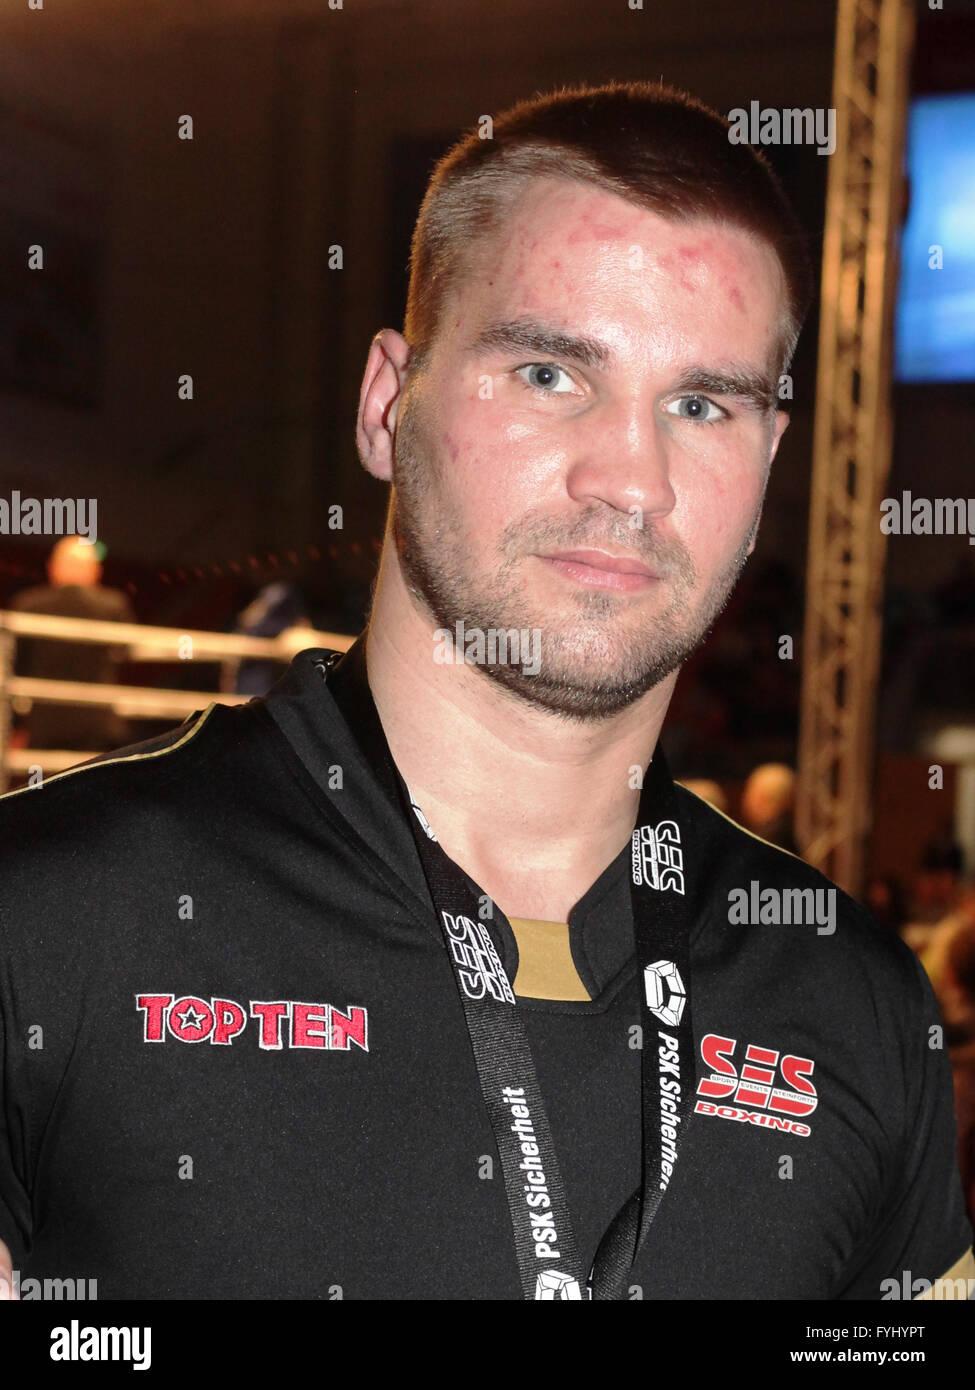 Heavyweight Boxer Steffen Kretschmann - Stock Image